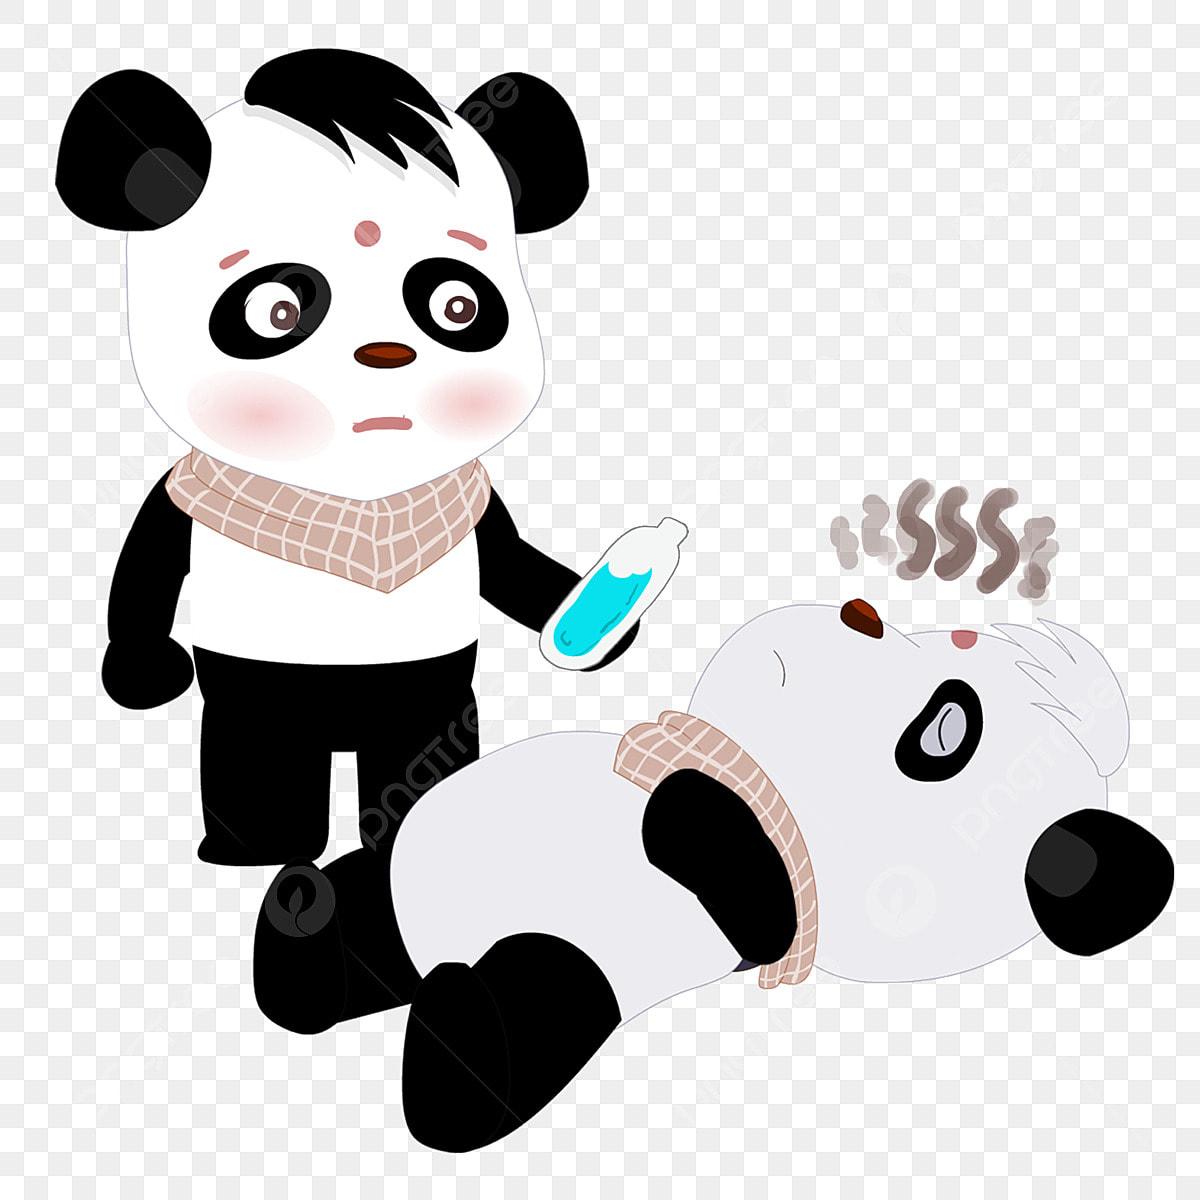 картинки с пандой и мишкой фредди событие, безусловно, можно